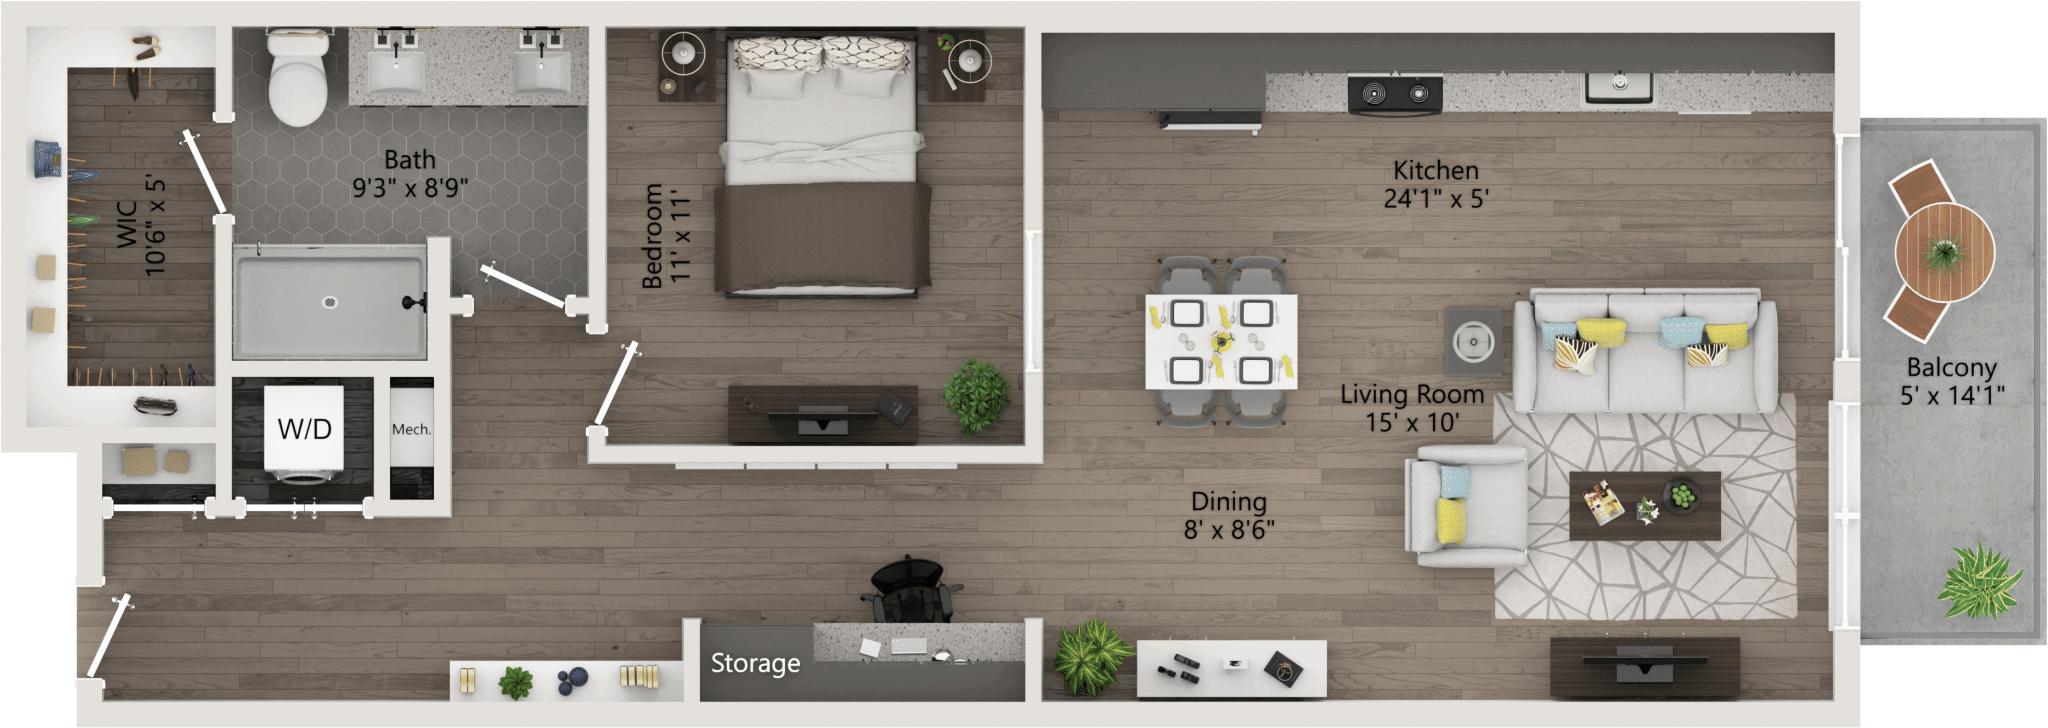 One Bedroom 861ft,36-70ft,patio